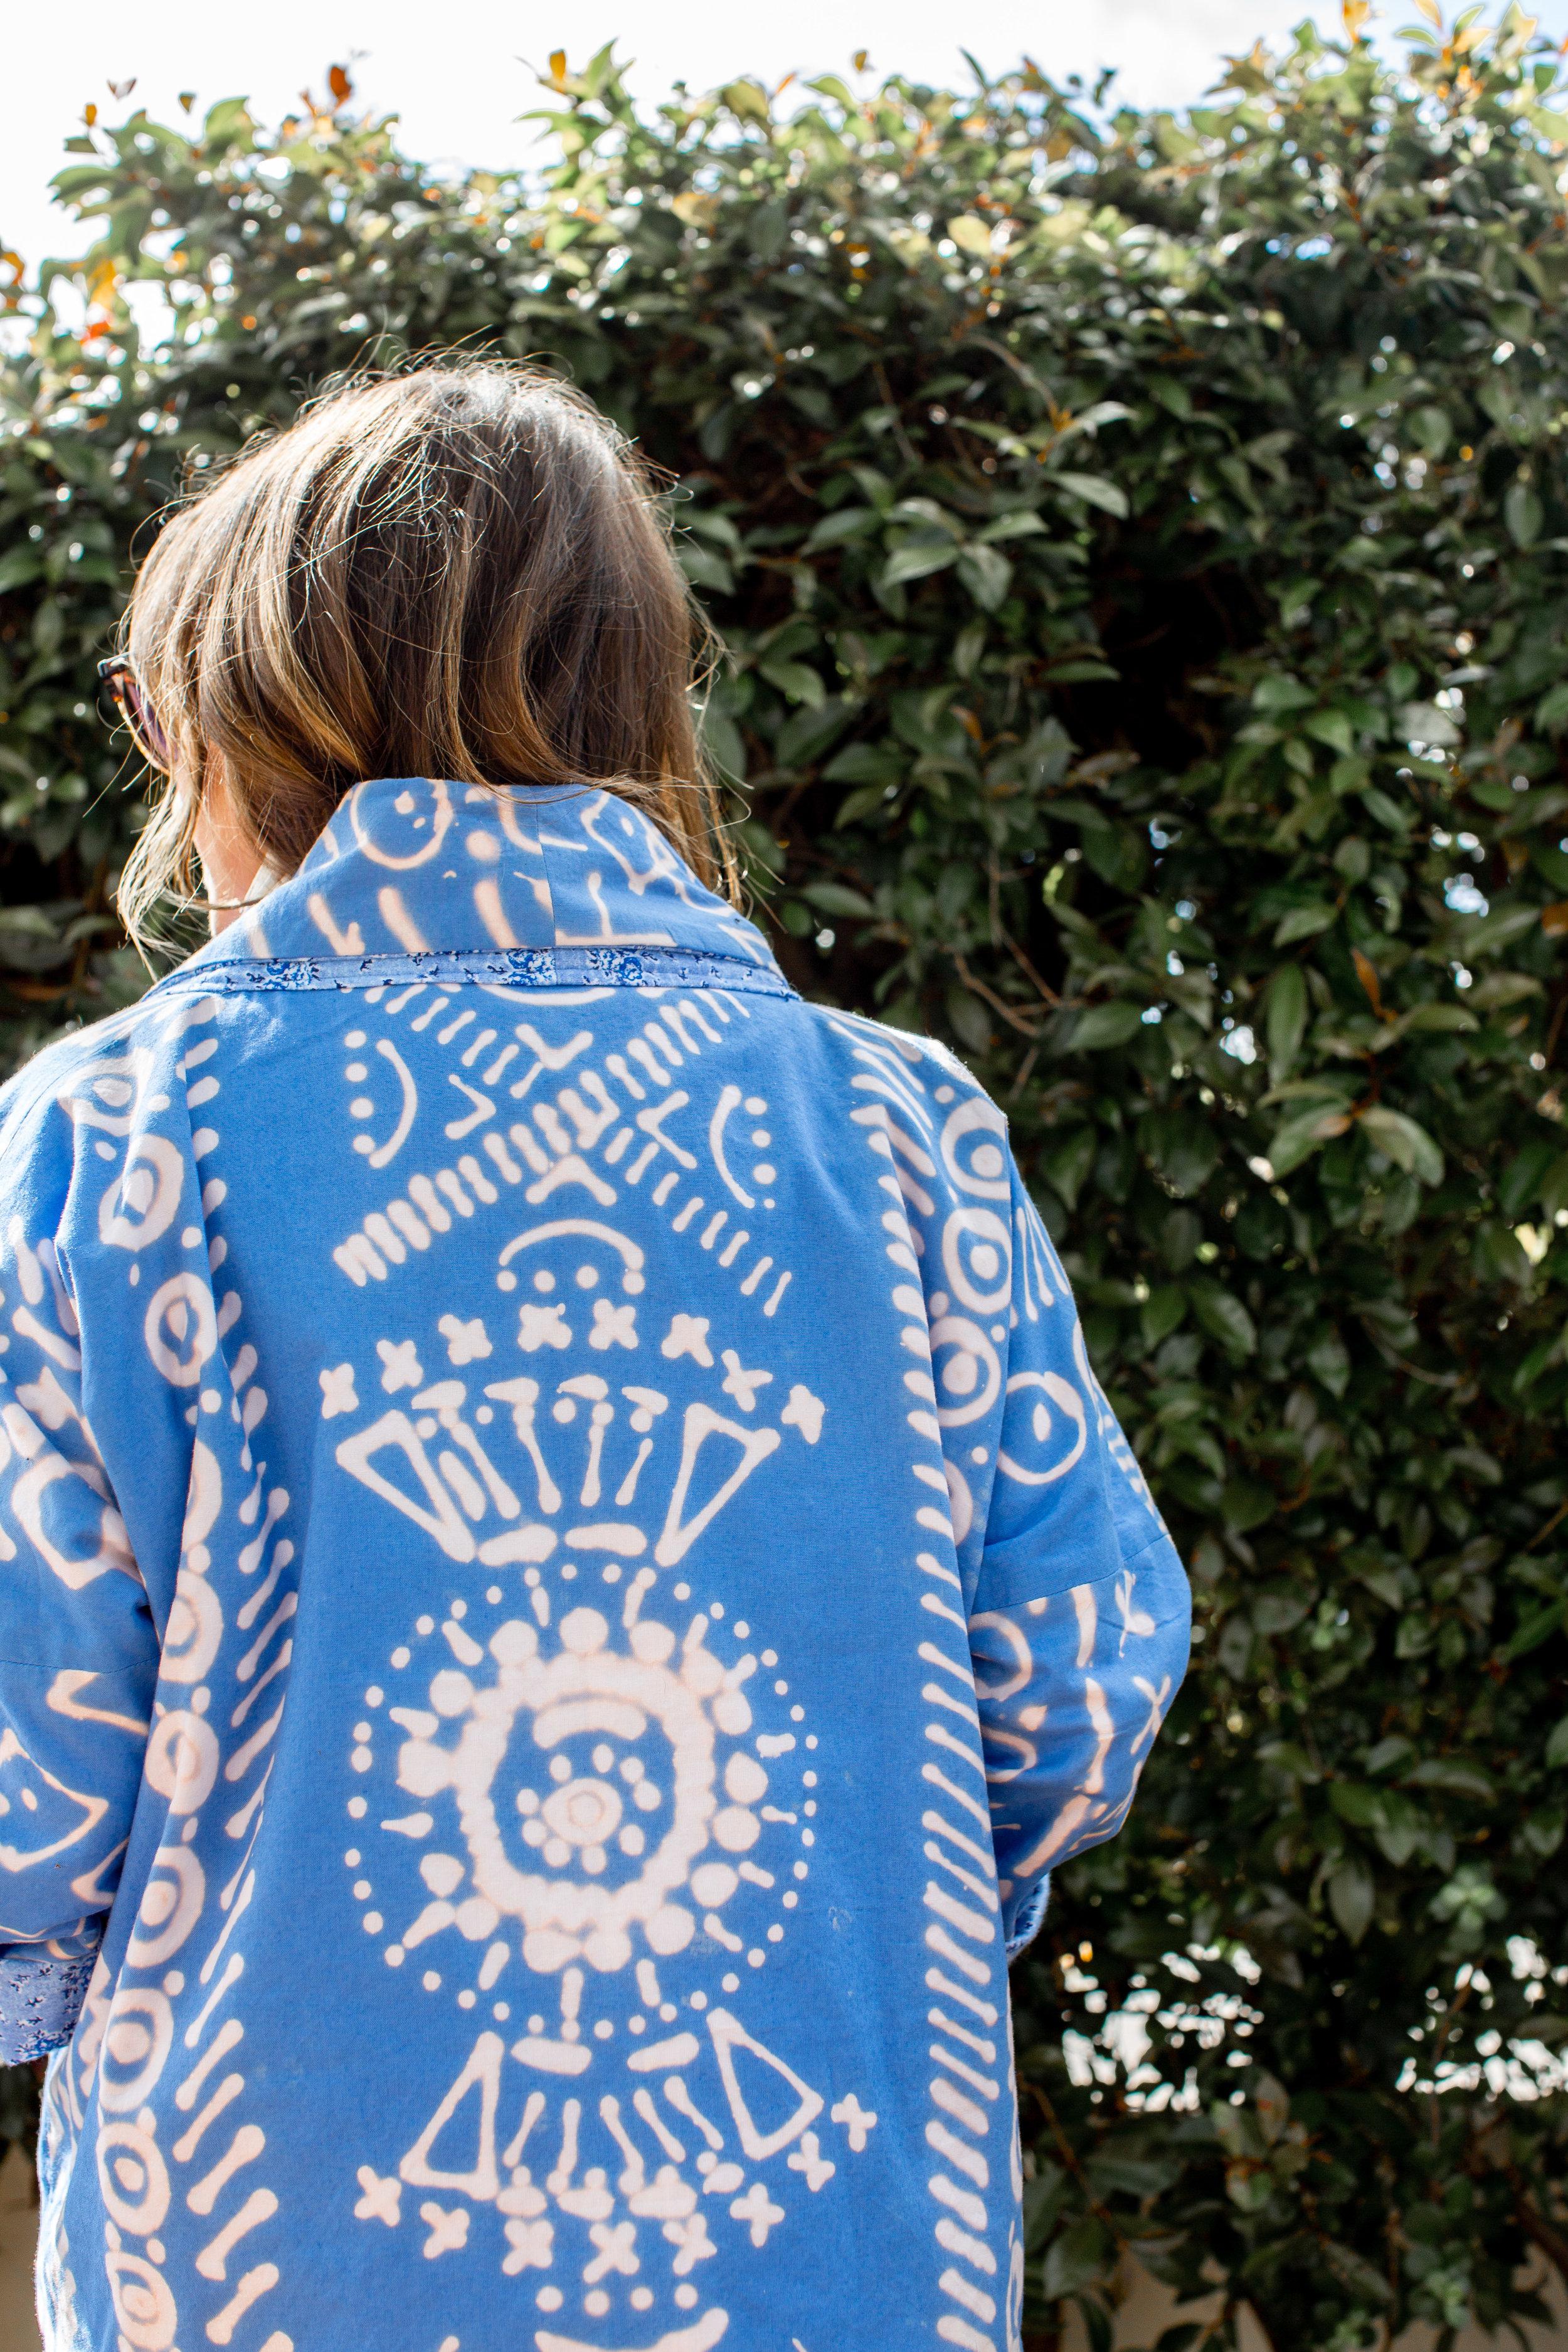 fizz-fade-bleach-dye-kimono-5.jpg